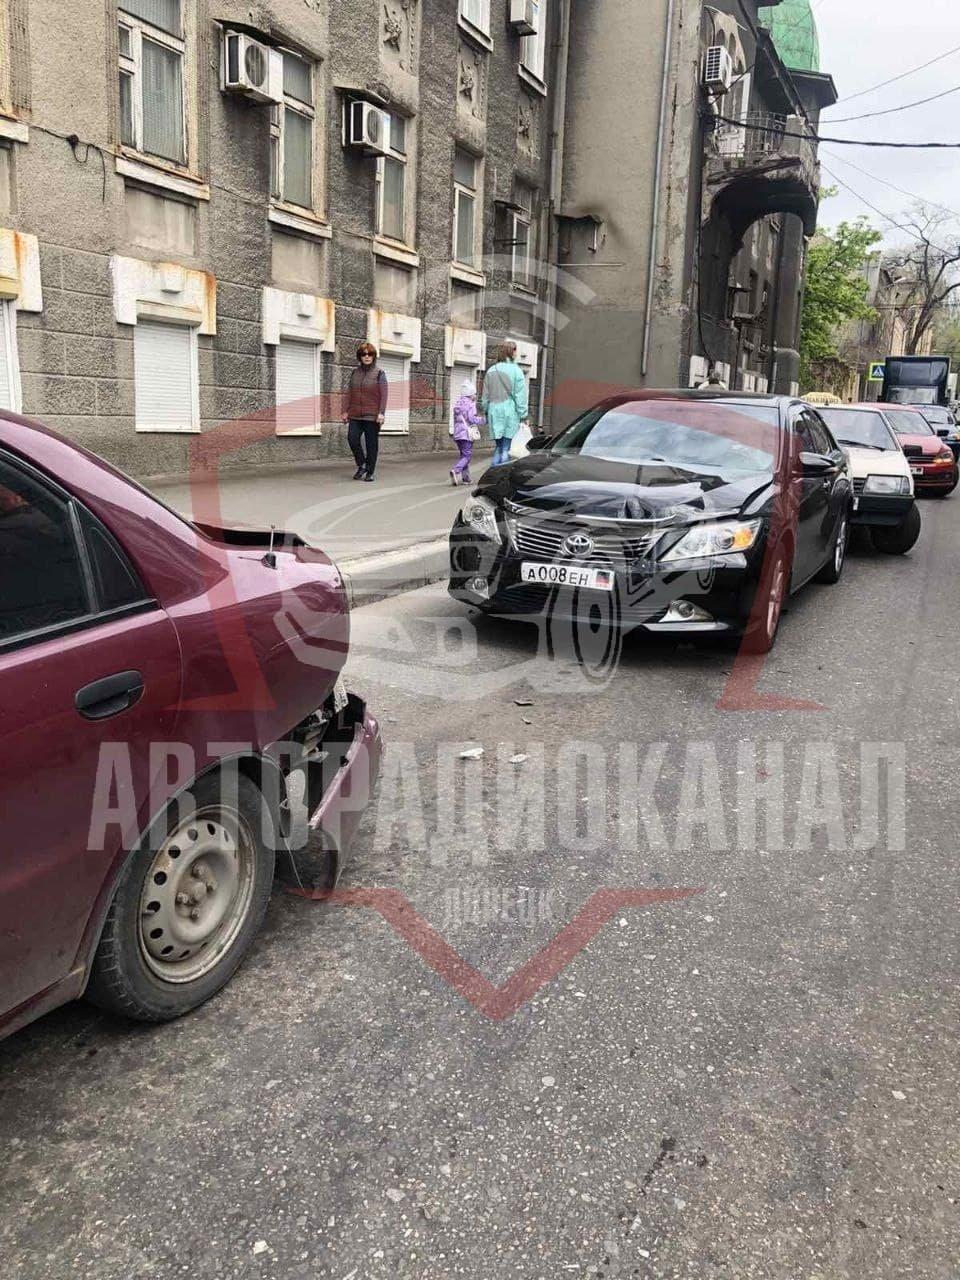 Автомобиль Toyota Camry стал участником сразу двух ДТП в Донецке, - ФОТО, фото-1